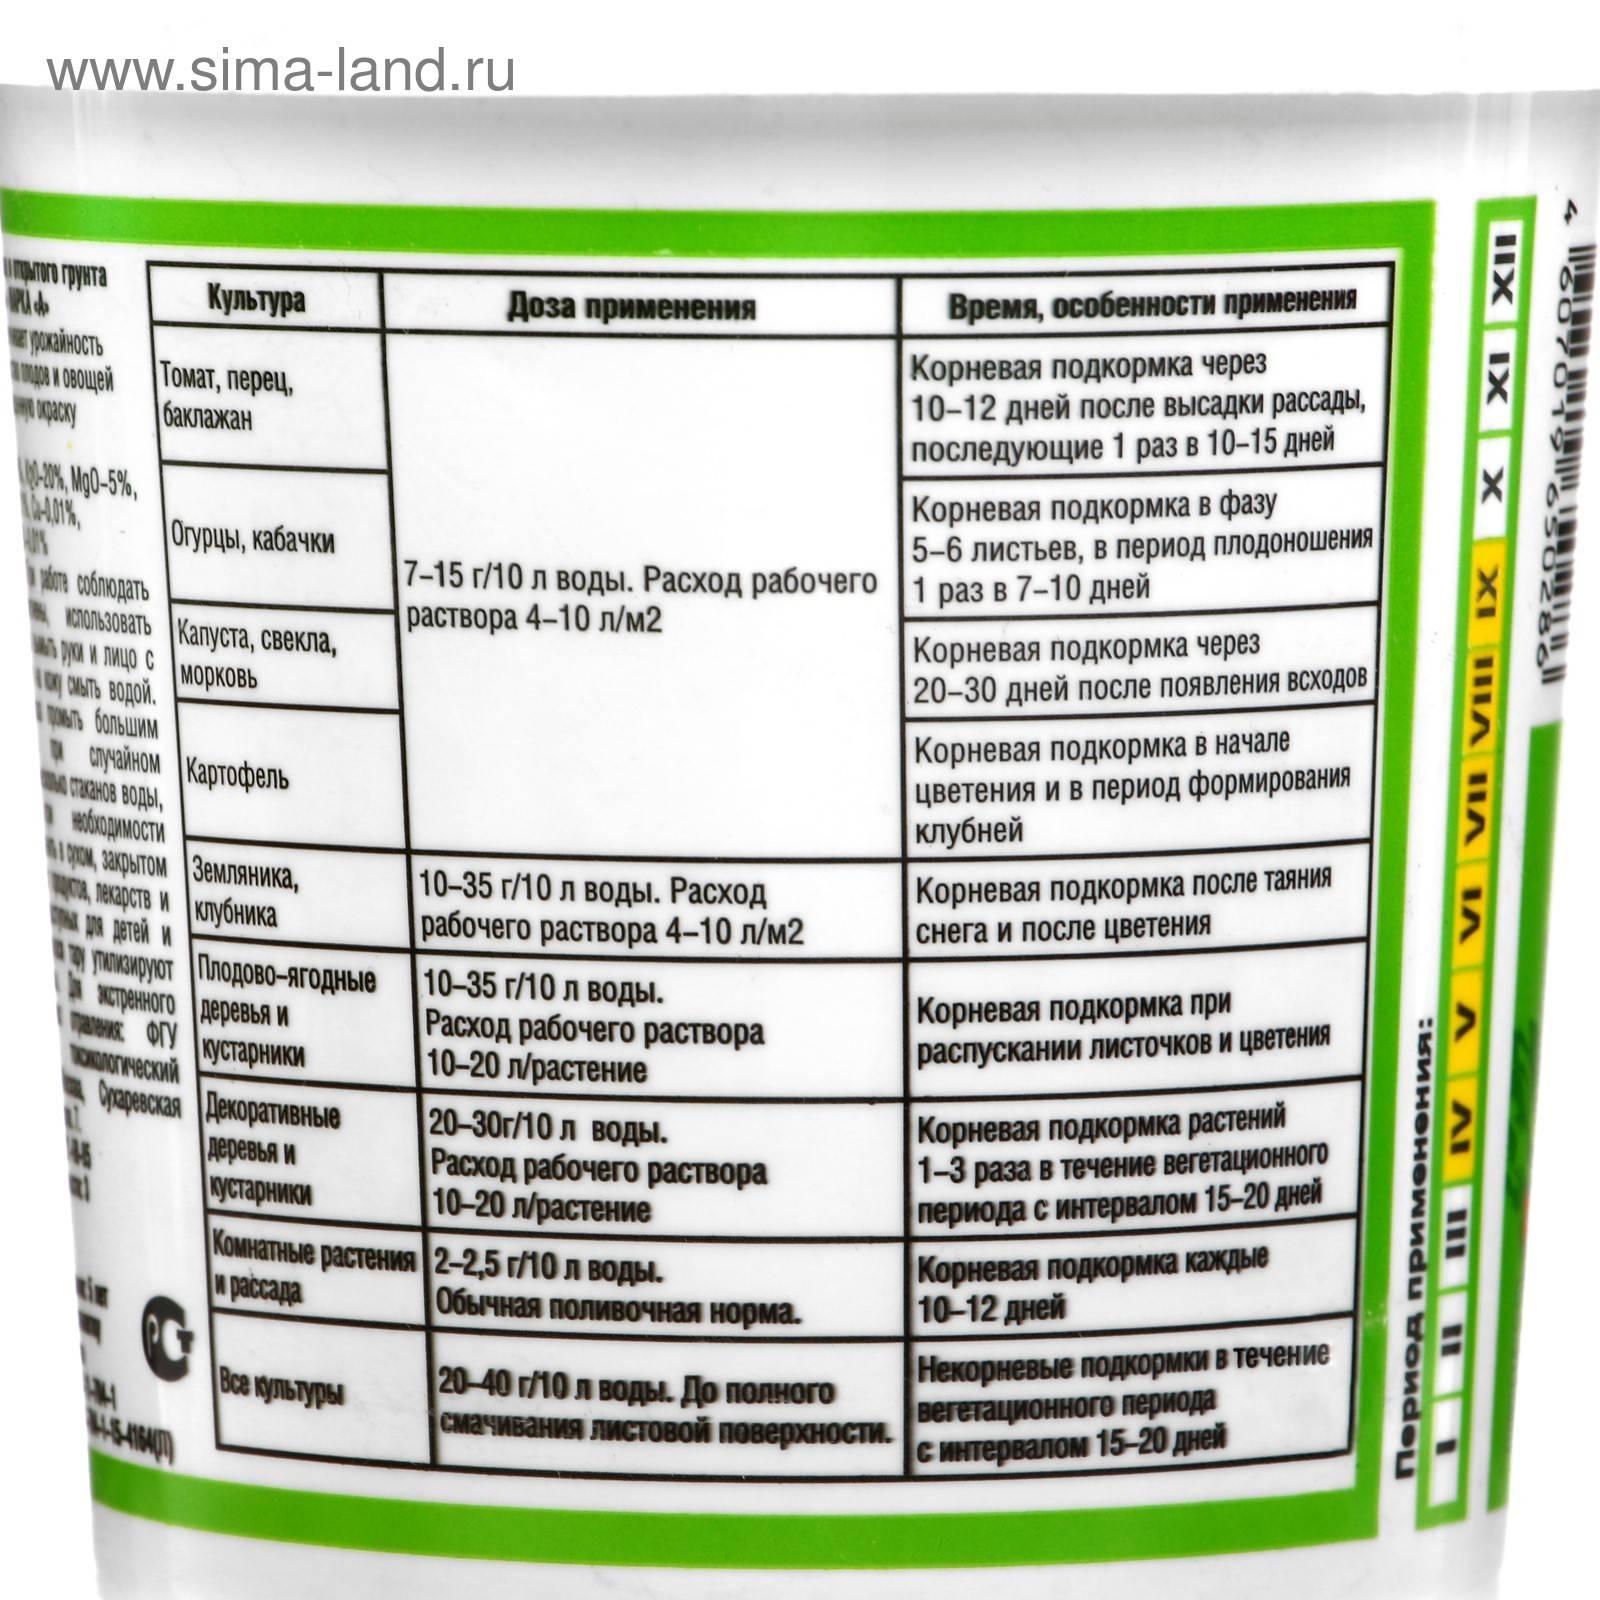 Комплексное удобрение «растворин»: состав и применение